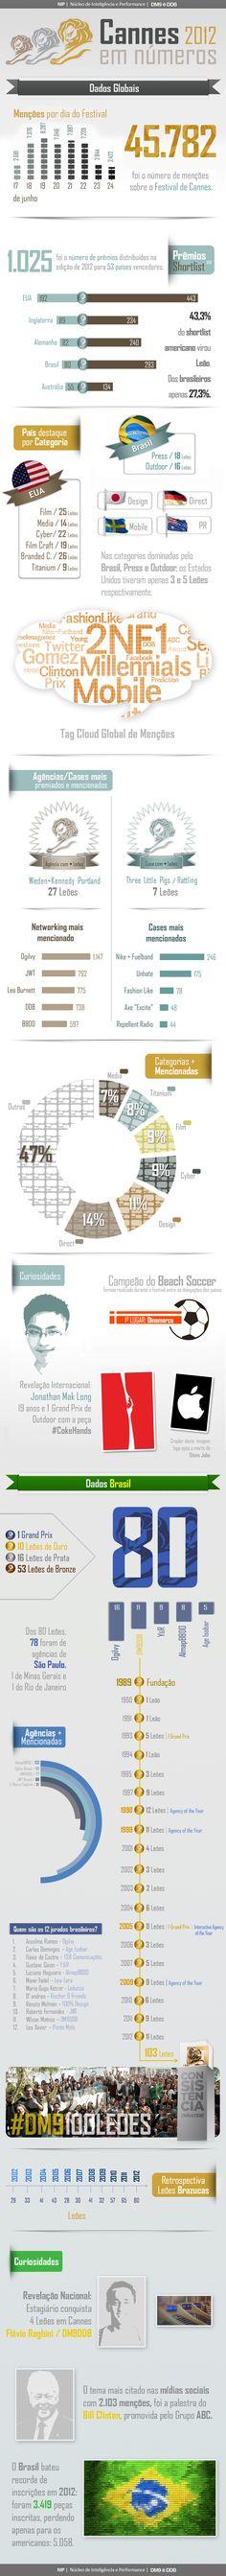 Nosso primeiro filho!  DM9DDB - NIP #cannes #dm9 #infographic #infografico